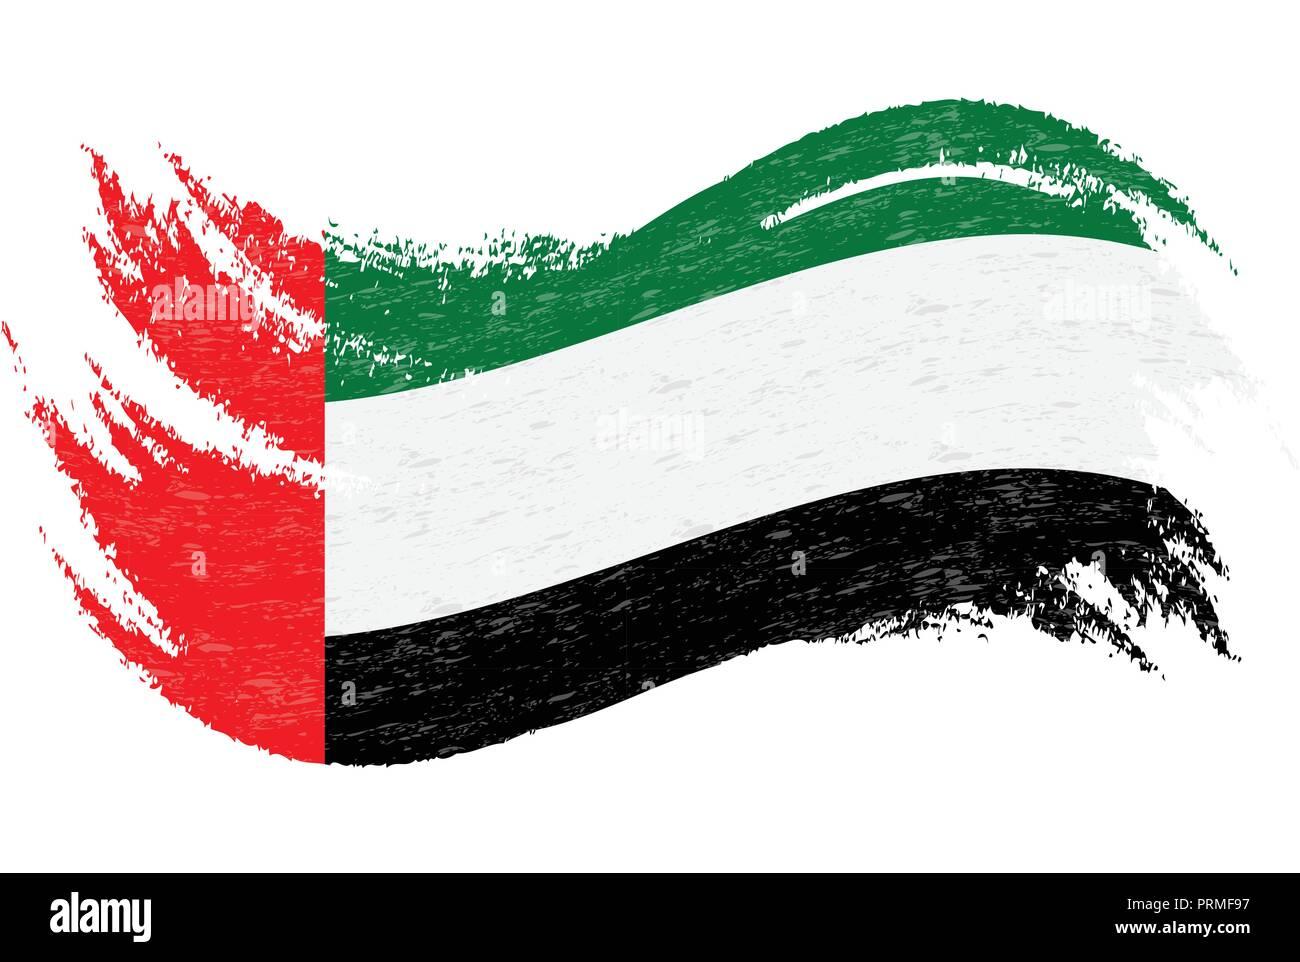 National Flag Of United Arab Emirates, Designed Using Brush Strokes,Isolated On A White Background. Vector Illustration. - Stock Image